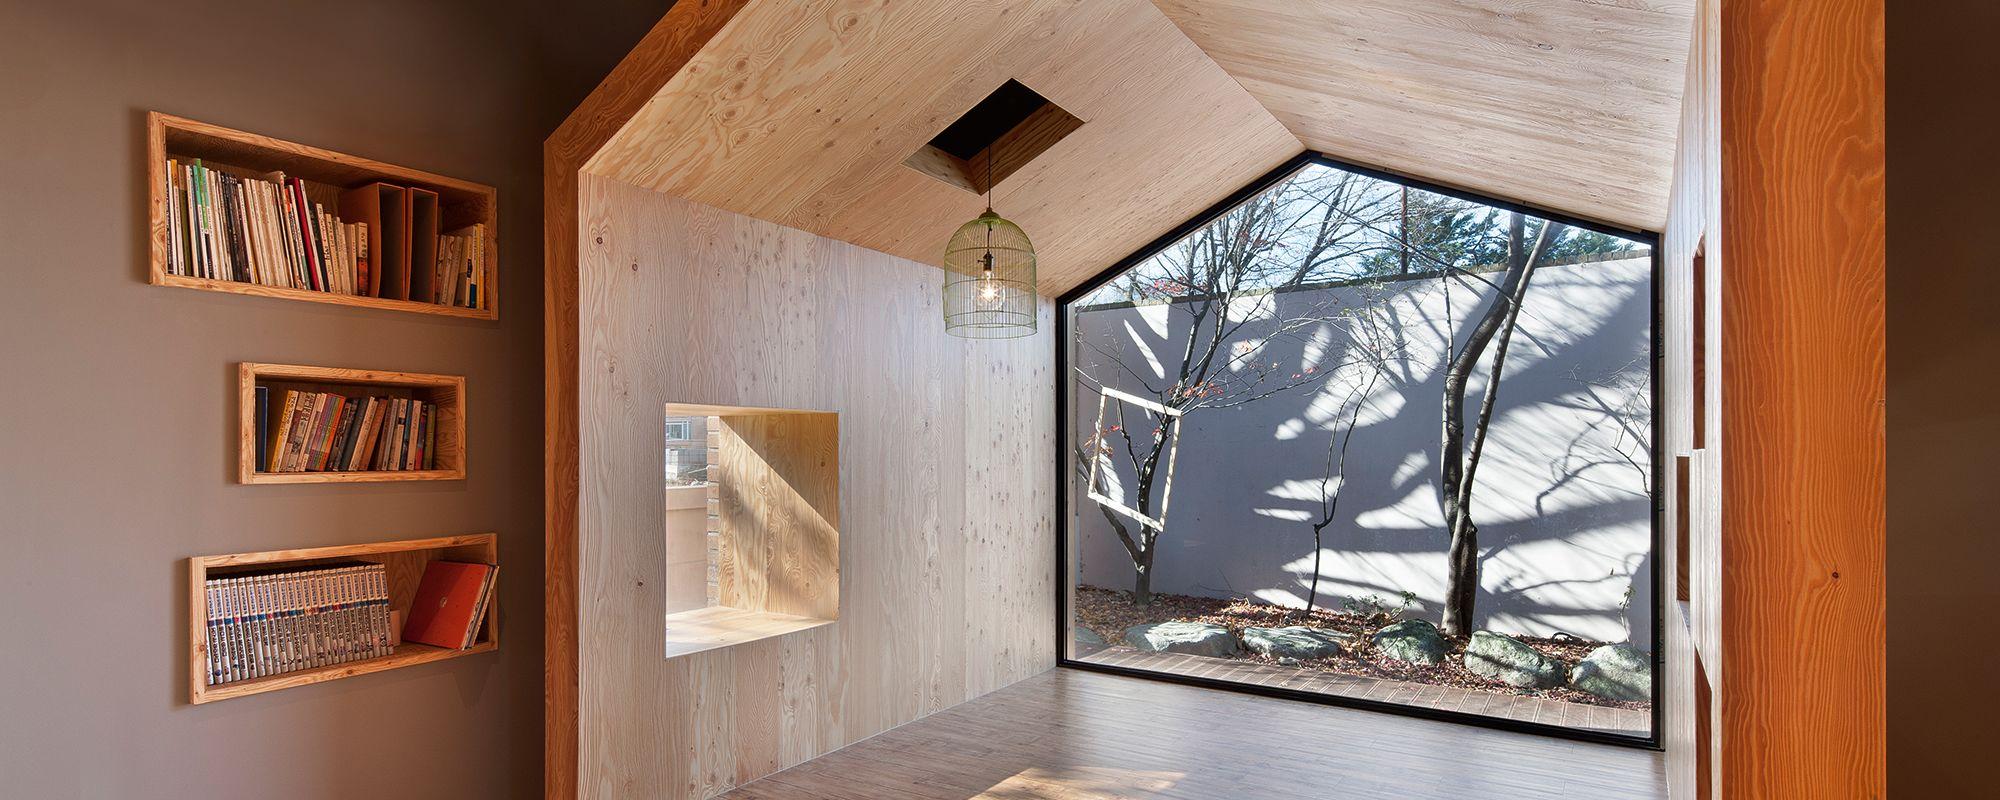 UTAA-Architekten, Pinocchio-Haus